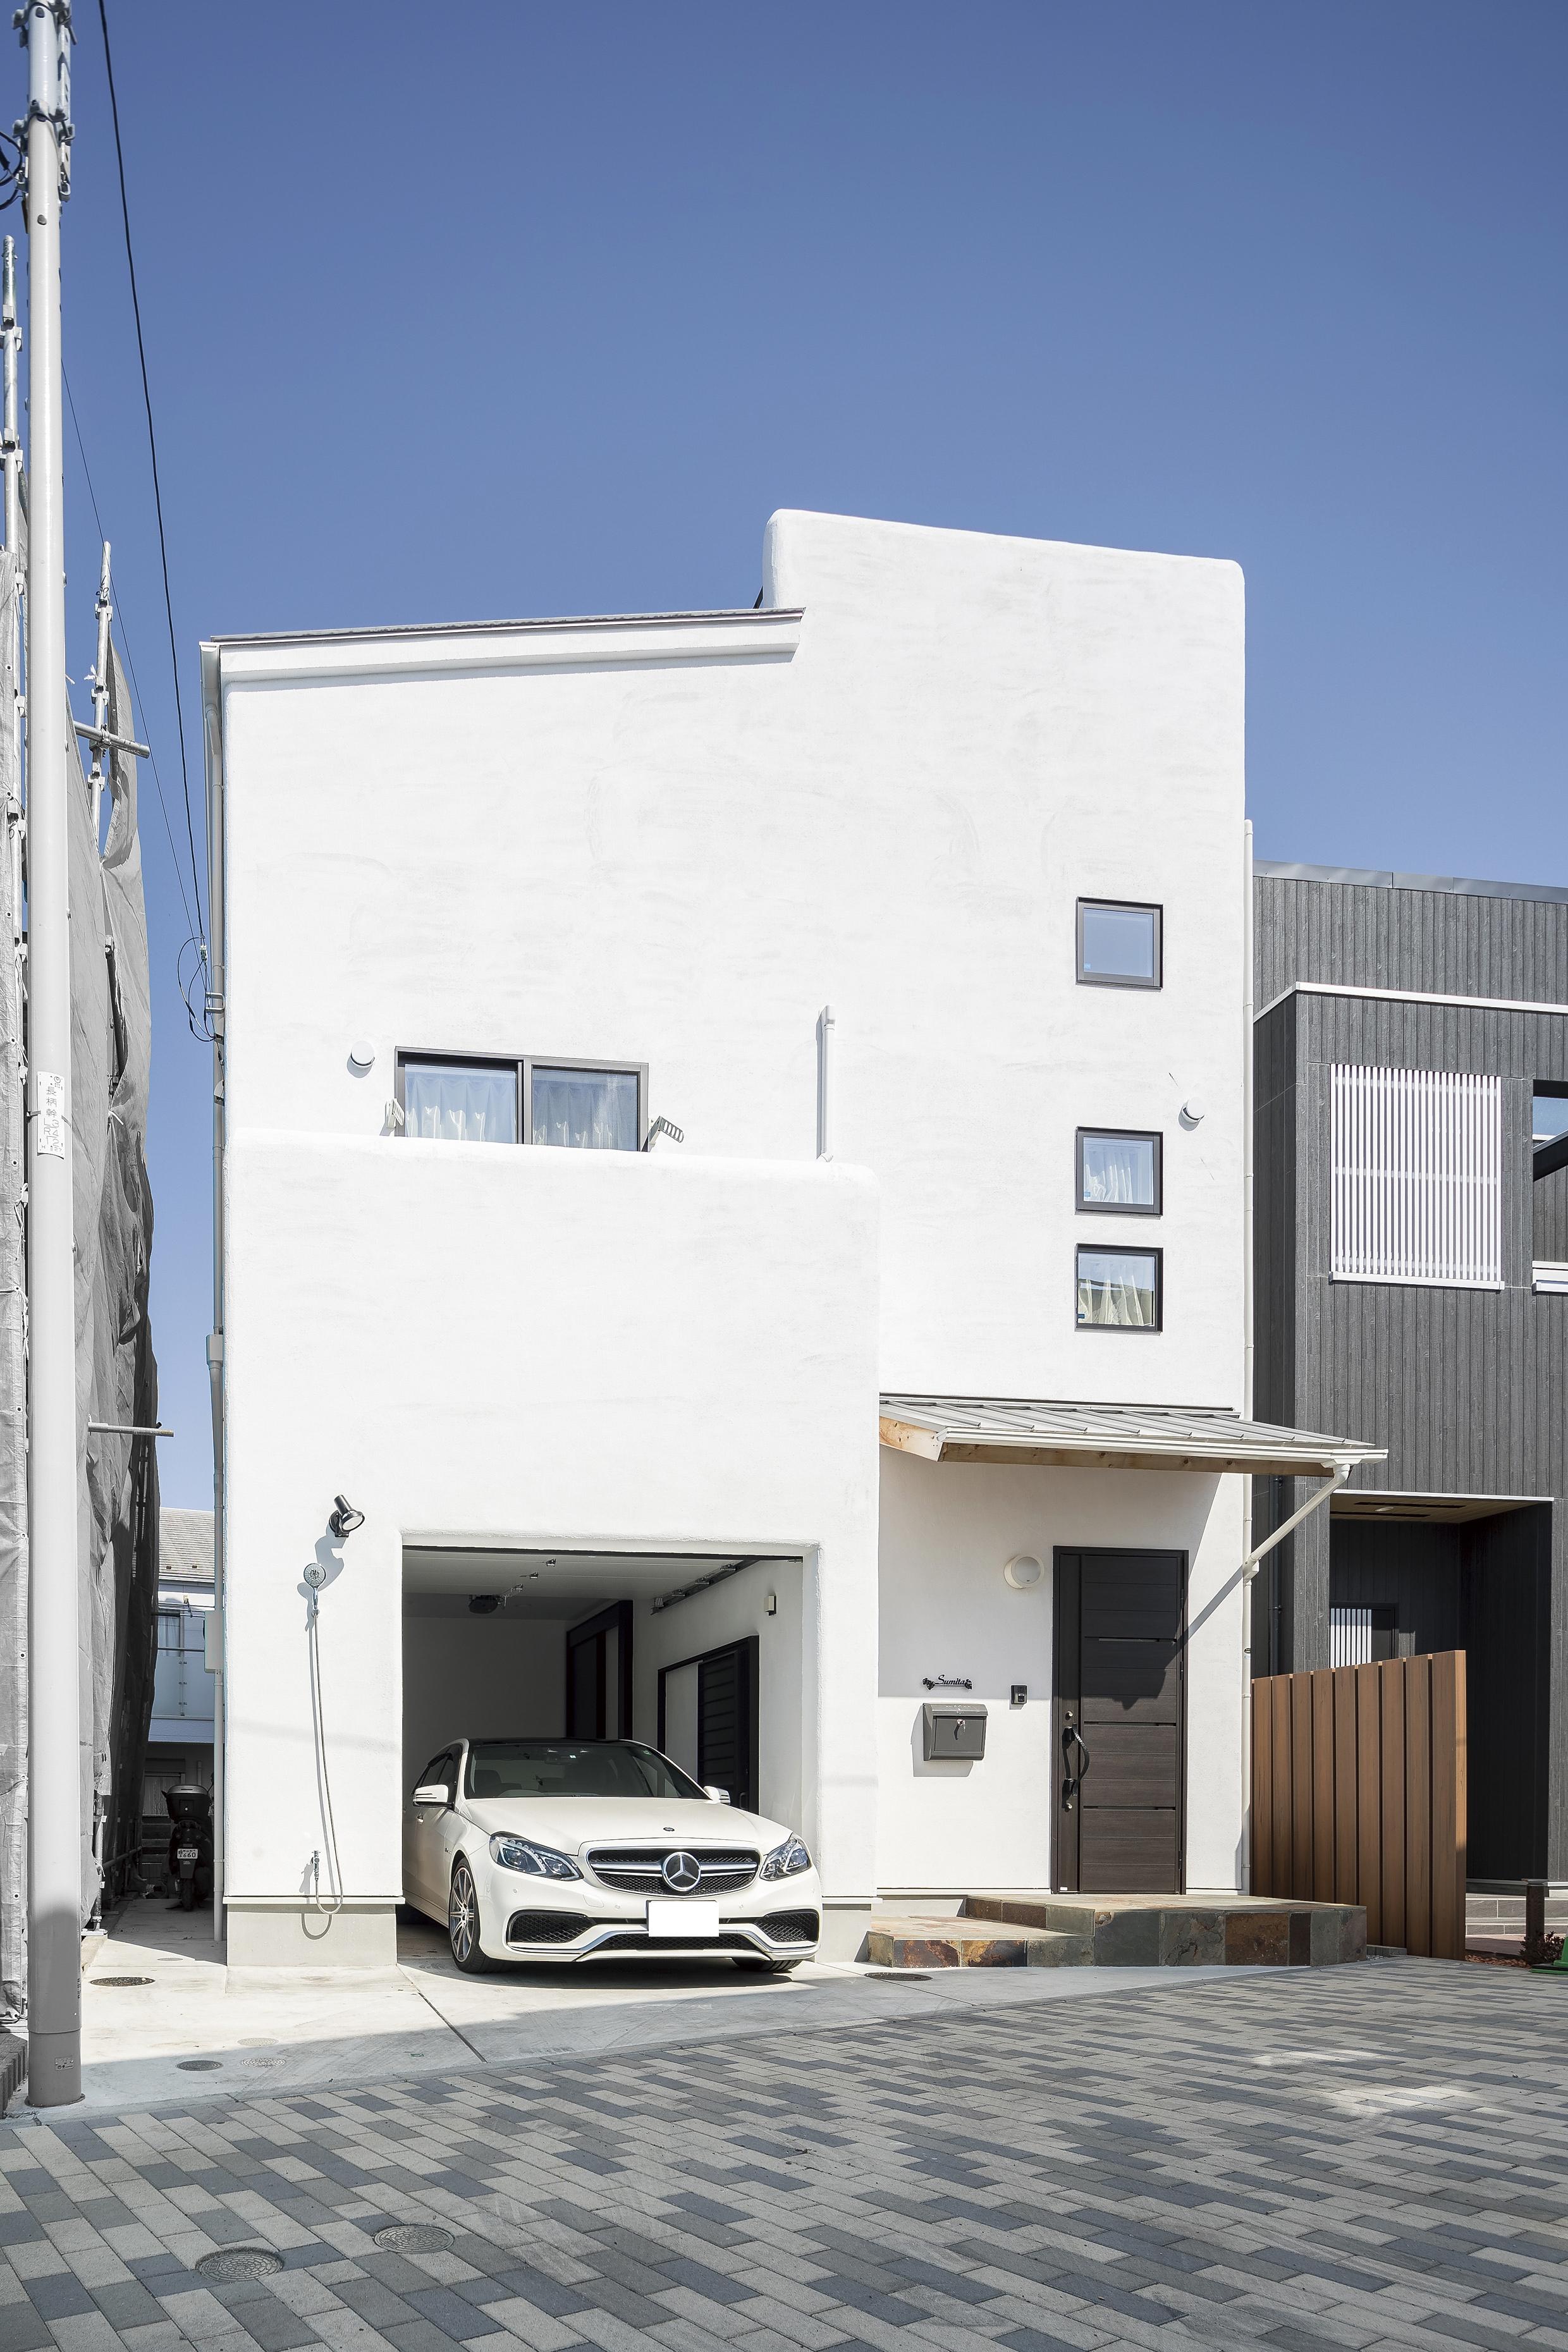 ビルトインガレージの家を建てる〜ガレージで失敗や後悔しない基礎知識9選〜